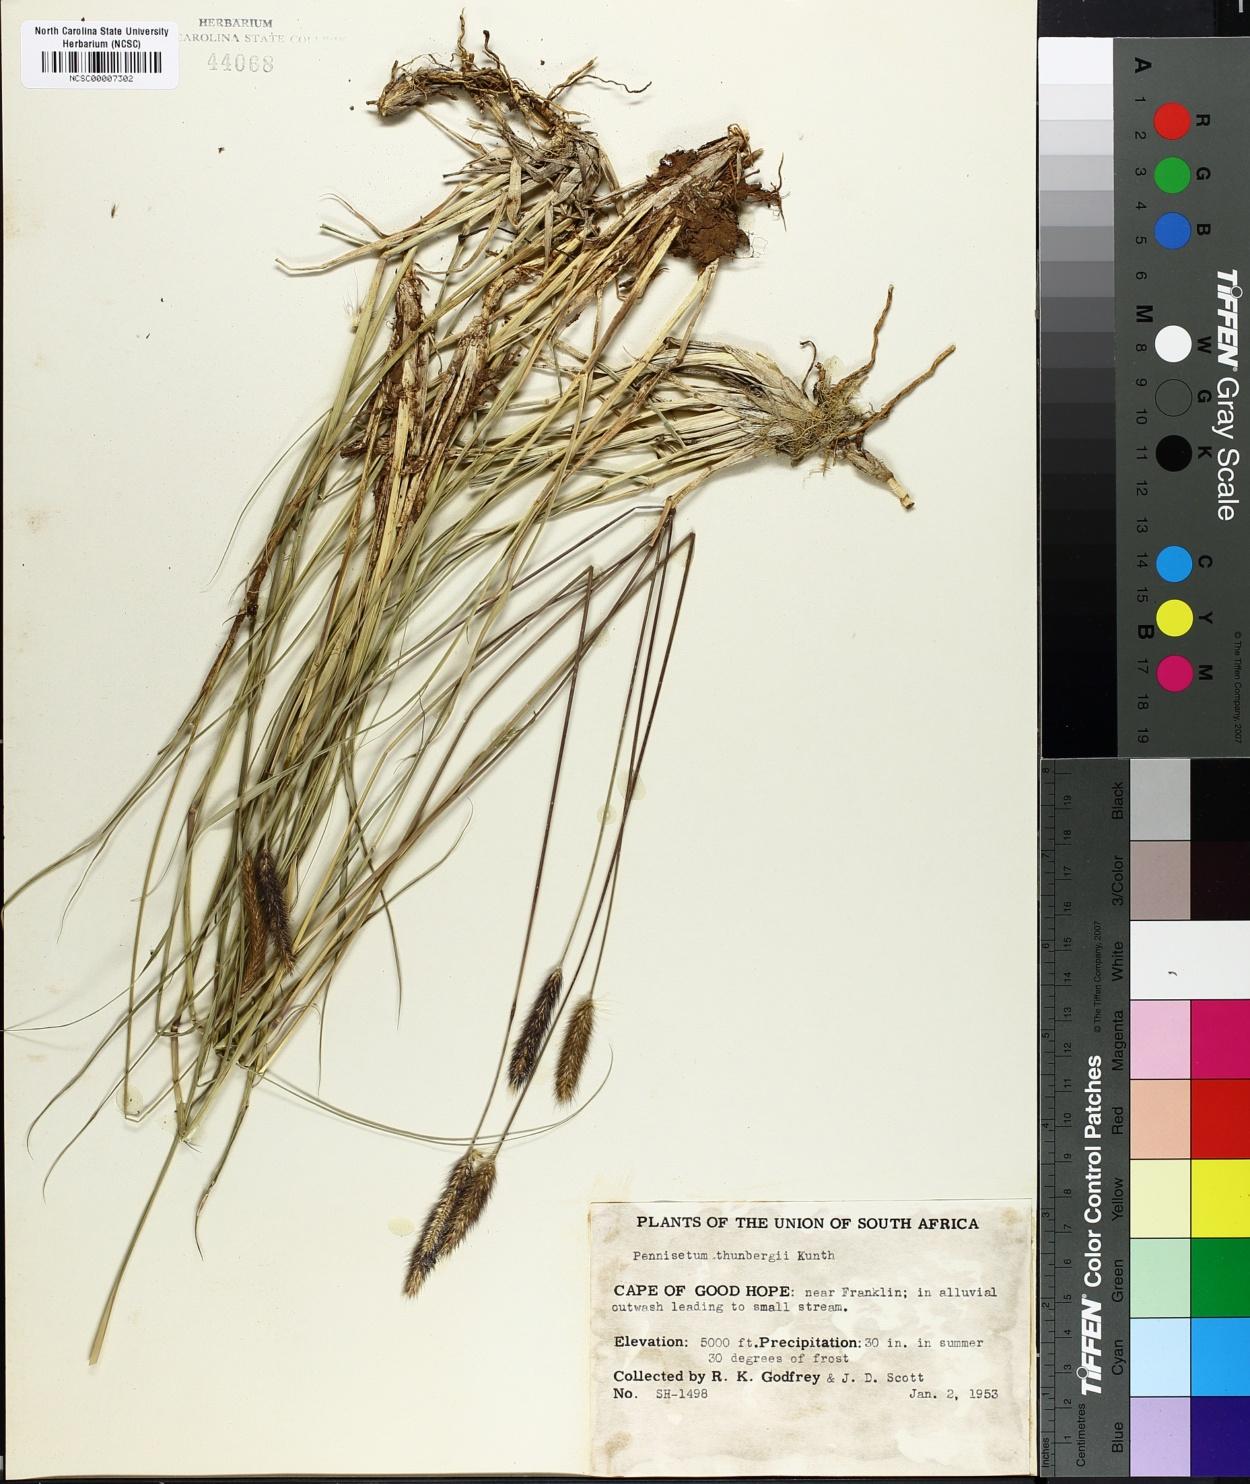 Pennisetum thunbergii image